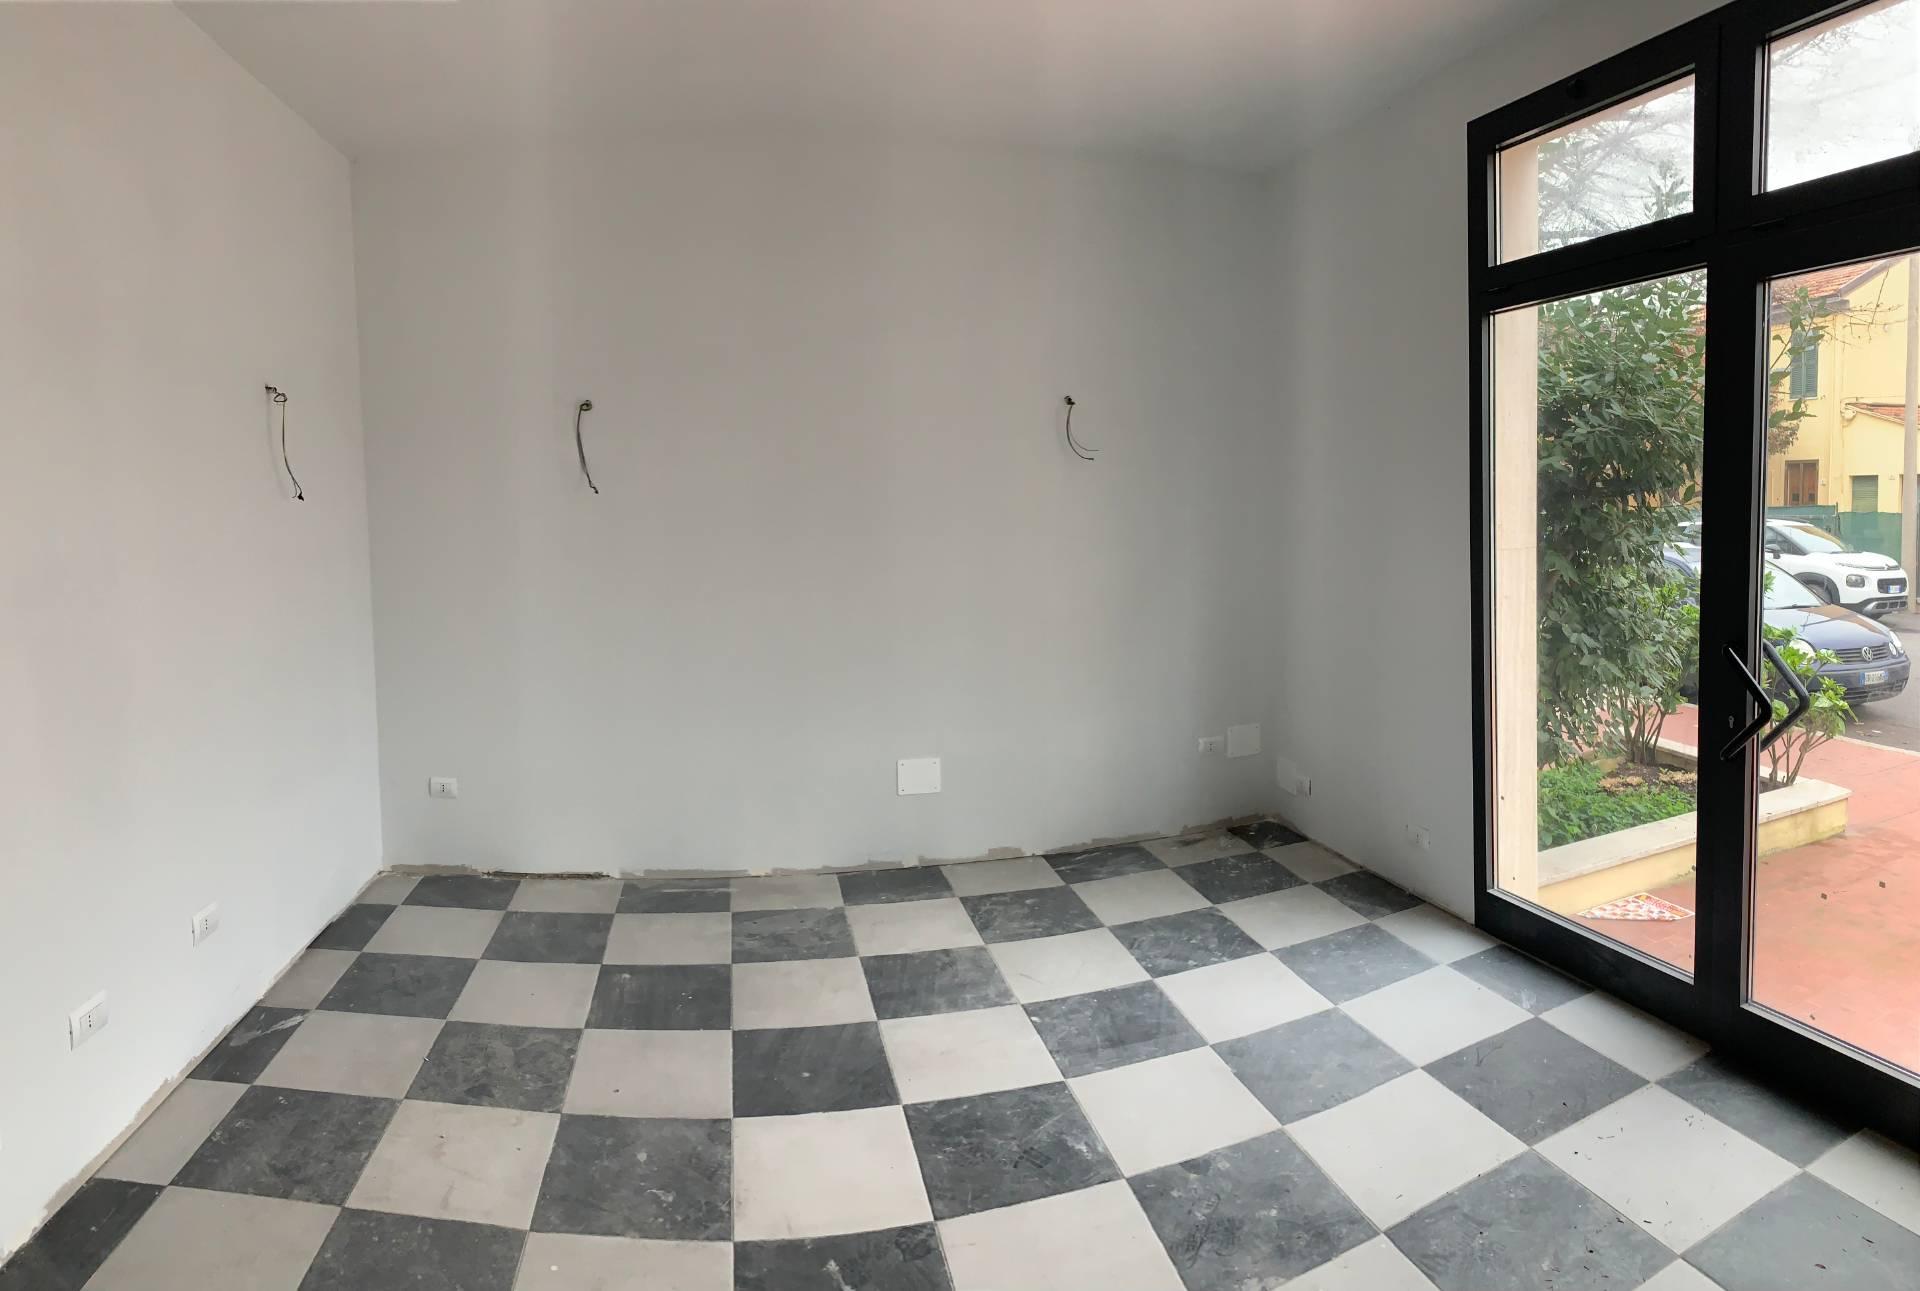 Negozio / Locale in affitto a Pesaro, 9999 locali, zona Zona: Pantano, prezzo € 1.200   CambioCasa.it